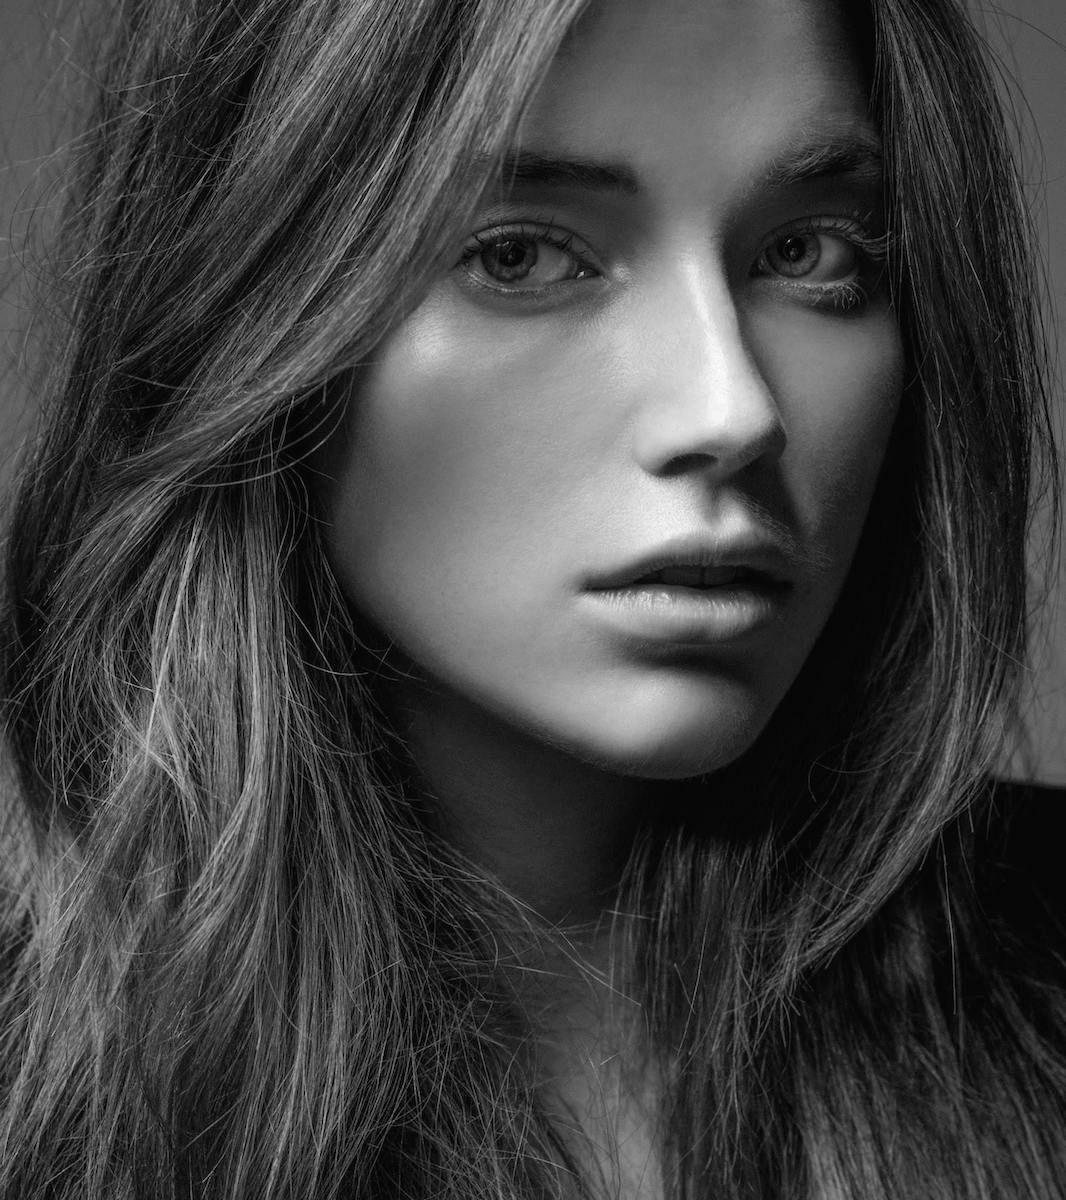 Model: Kiersten Dolbec